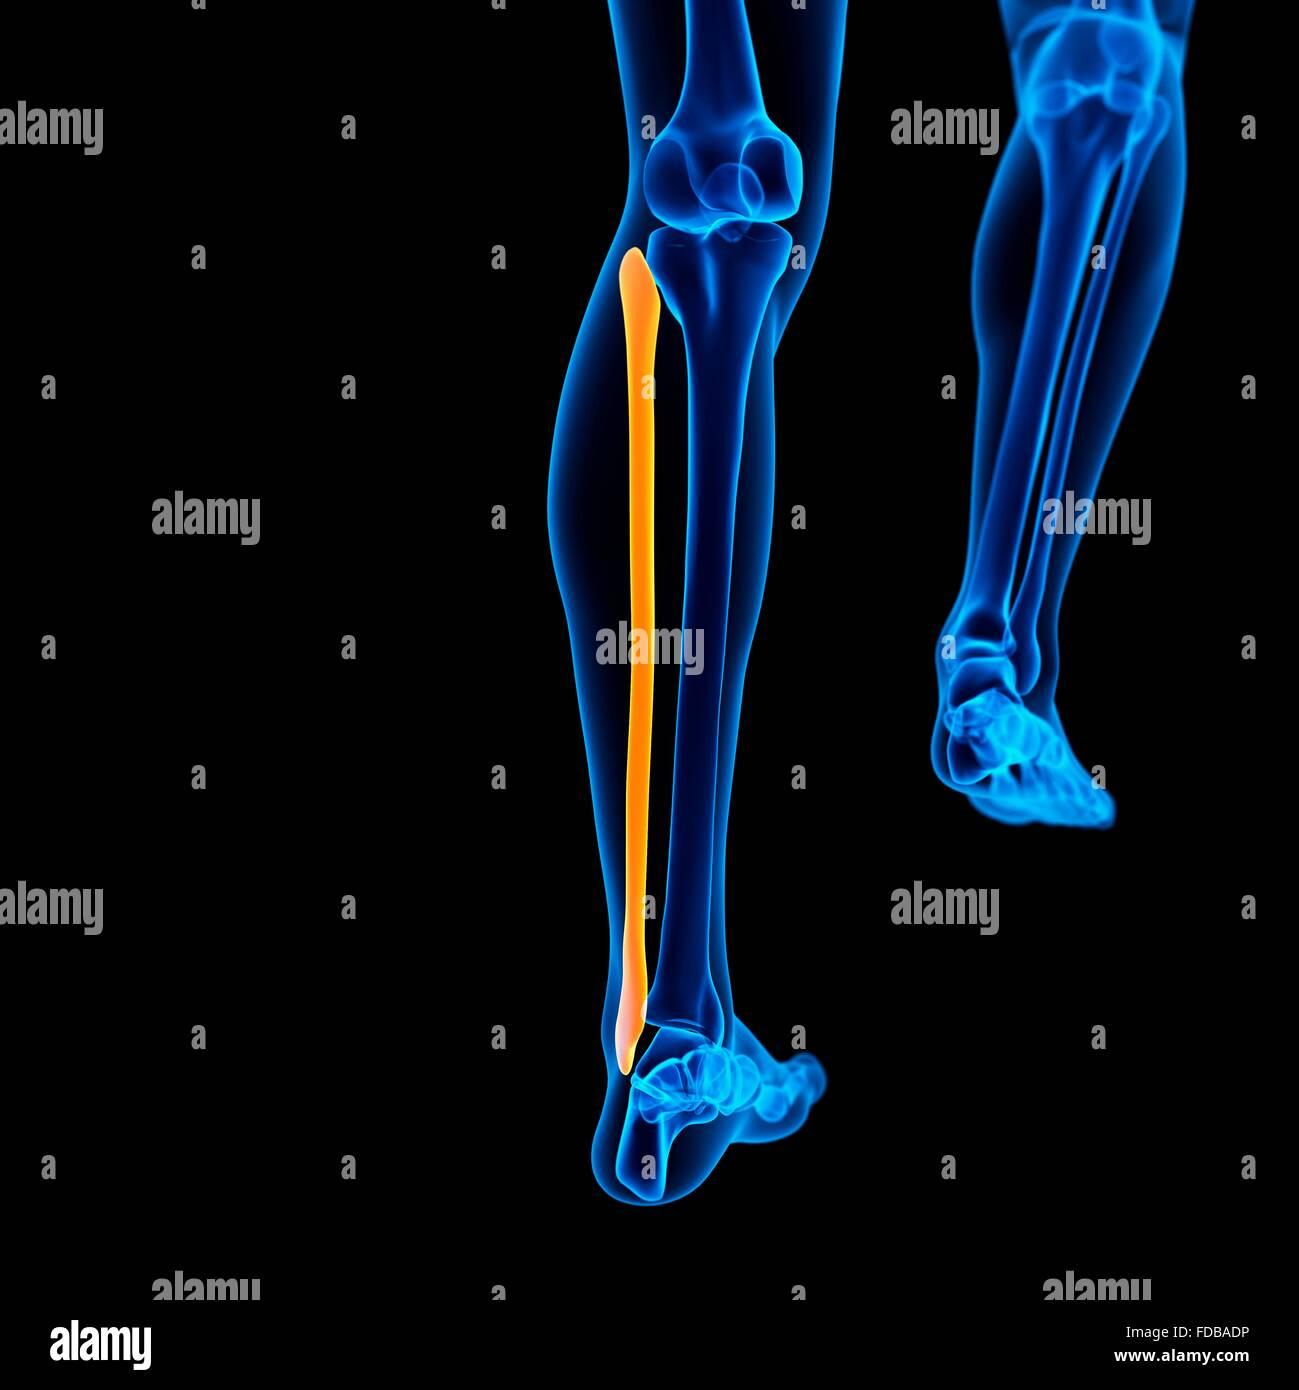 Menschlichen Wadenbein (Bein) Knochen, Abbildung Stockfoto, Bild ...